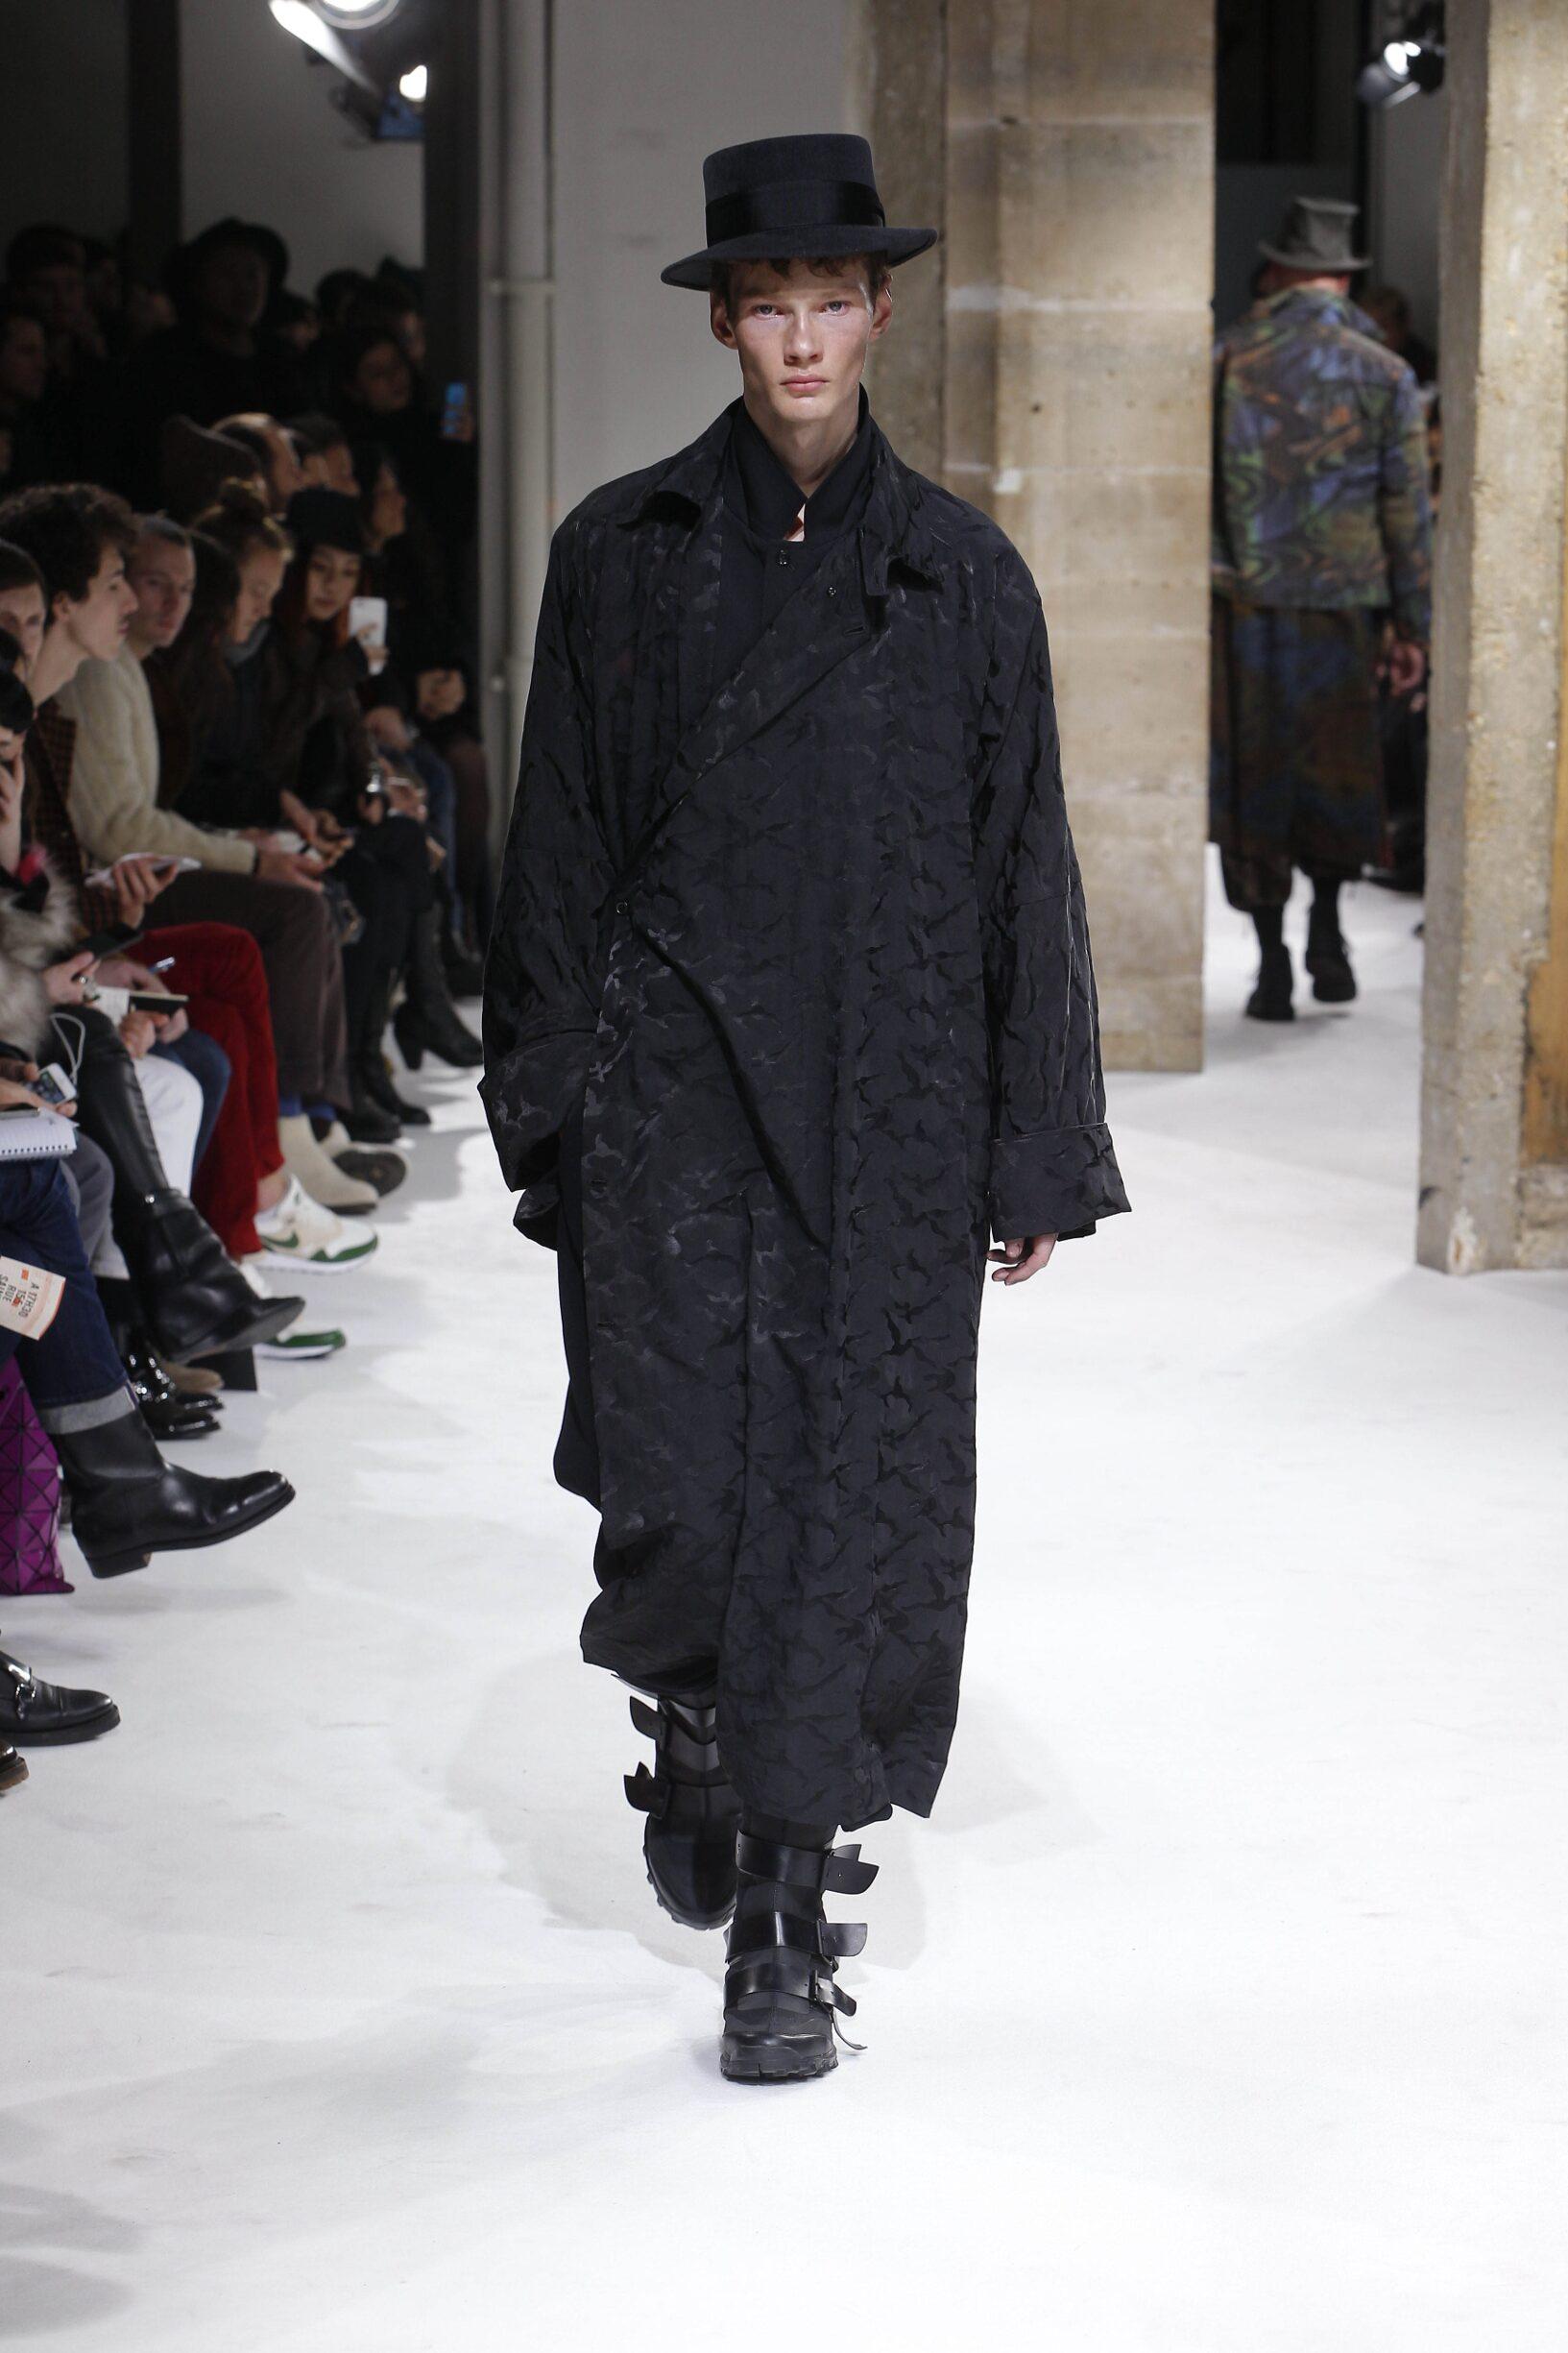 2017 Catwalk Yohji Yamamoto Man Fashion Show Winter